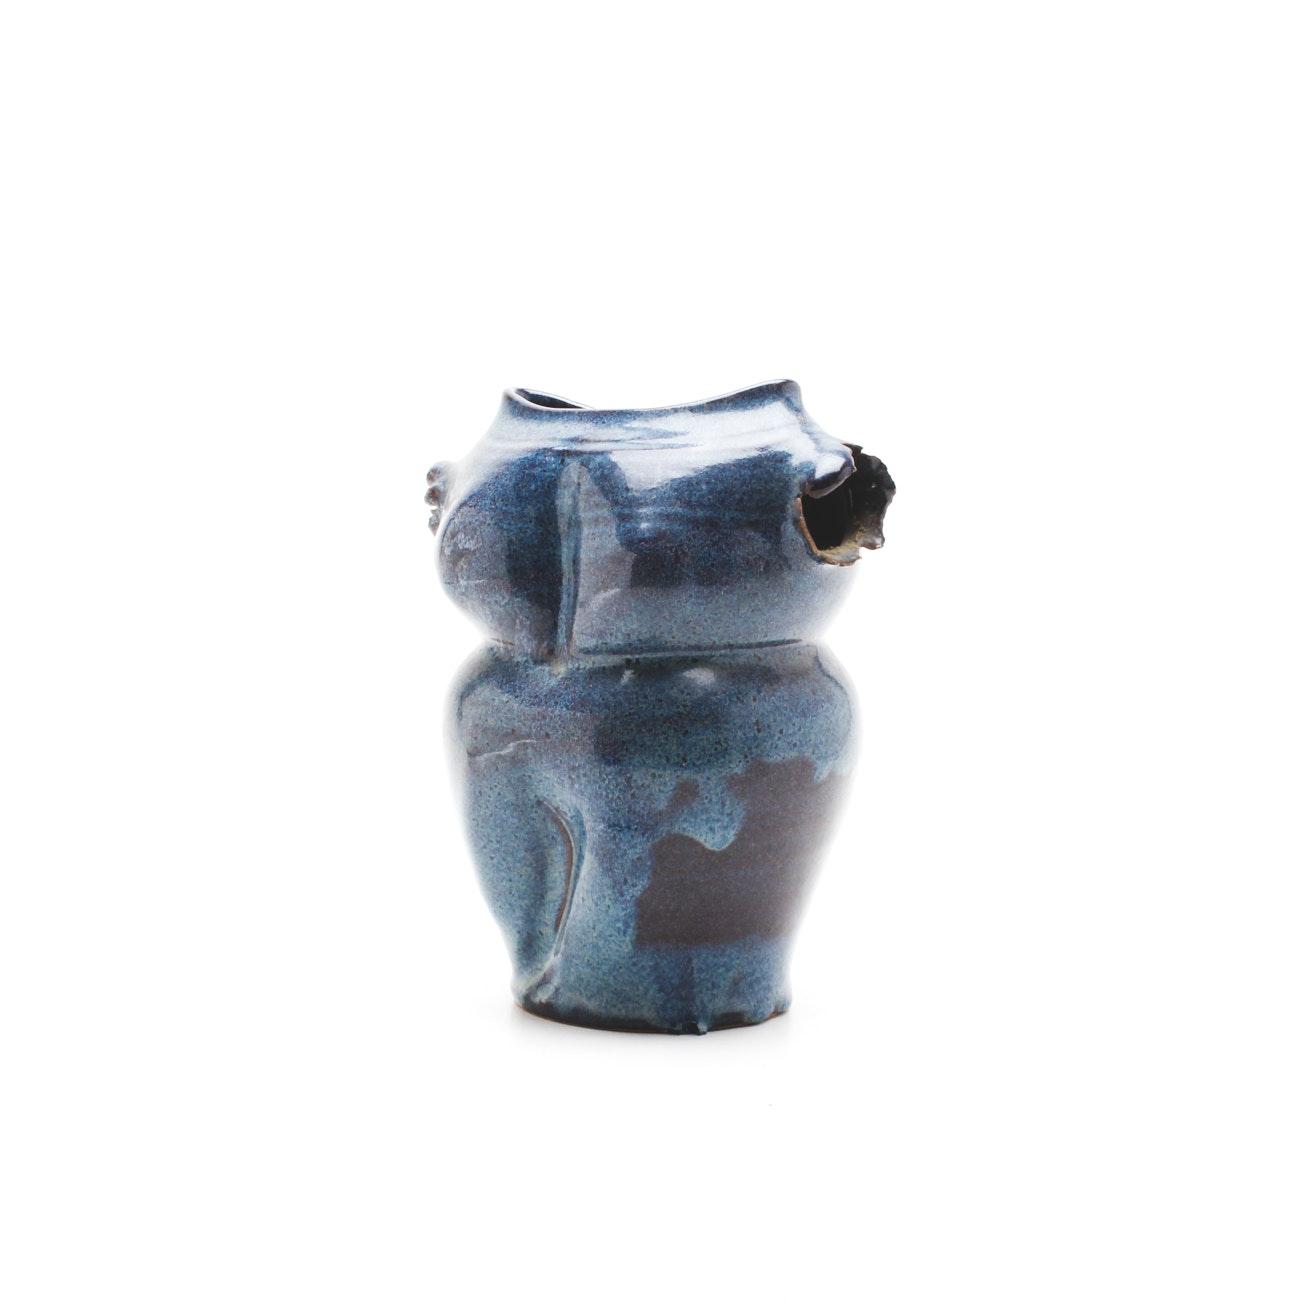 Signed Art Pottery Sculptural Vase